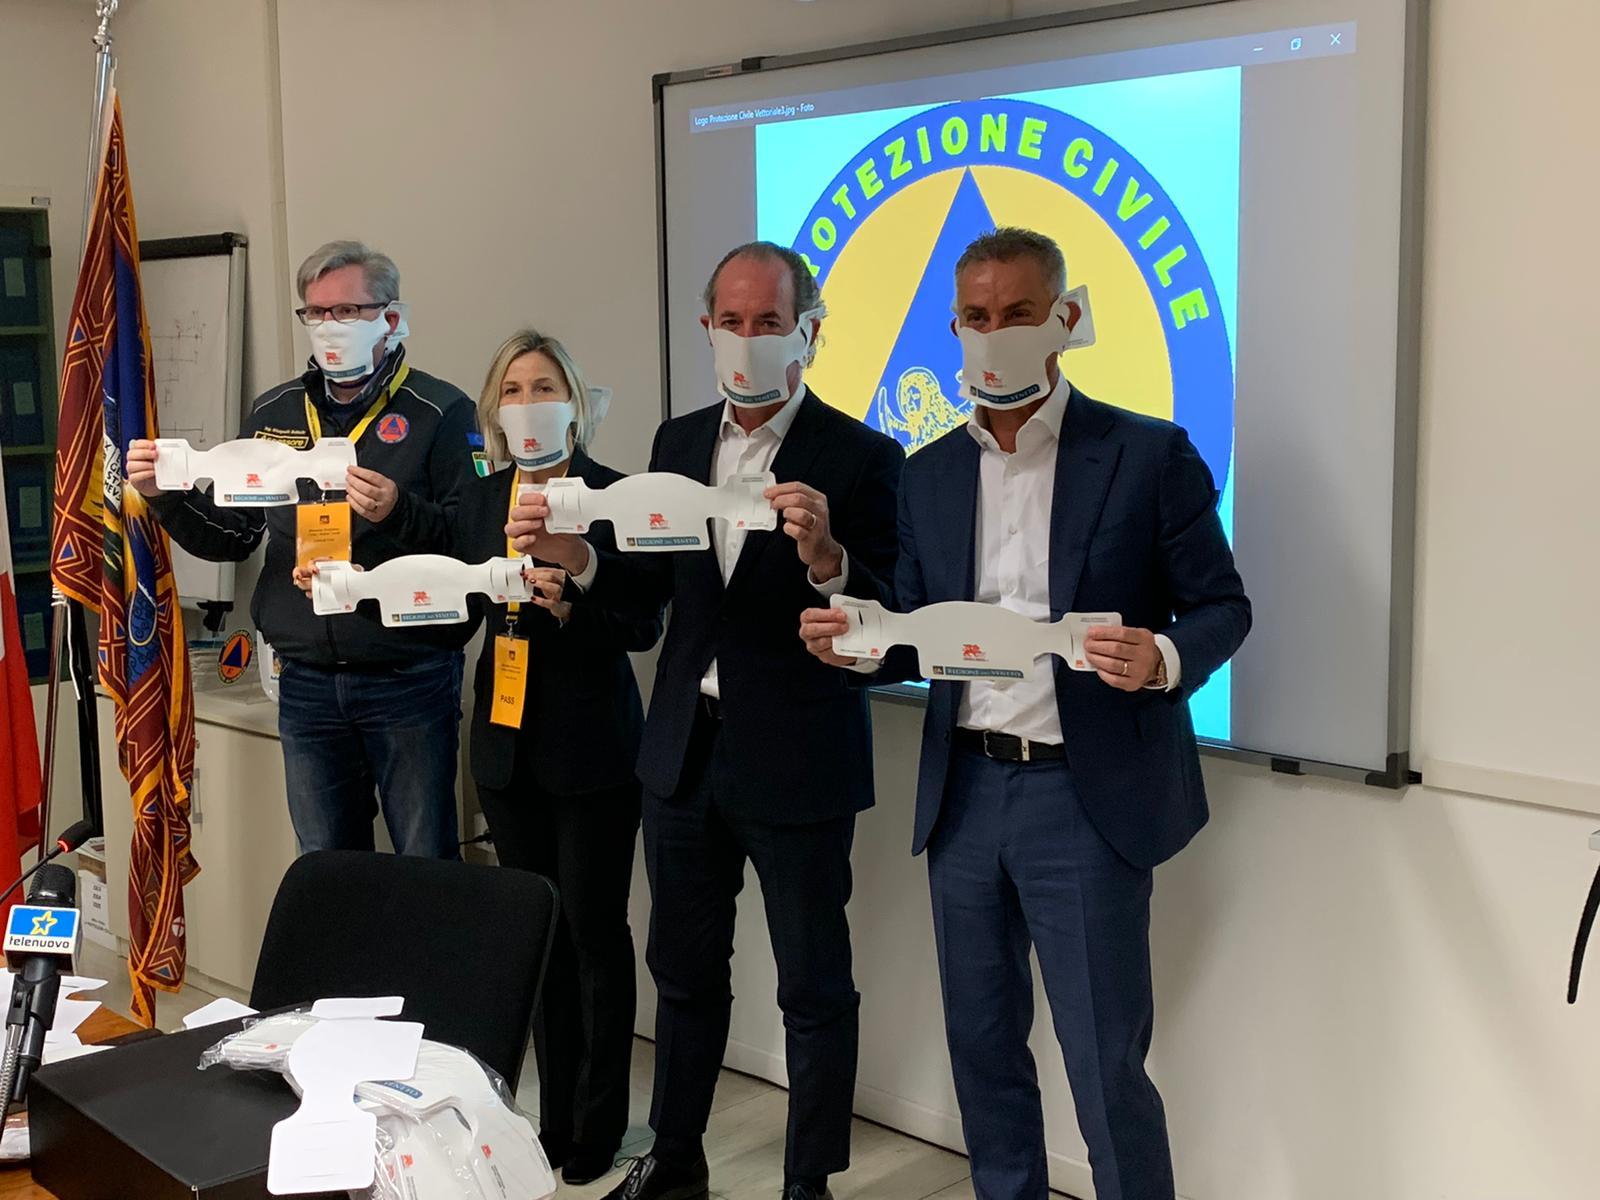 Arrivano mascherine made in Veneto. Le produce Grafica Veneta che ne ha donate 2 milioni alla Regione